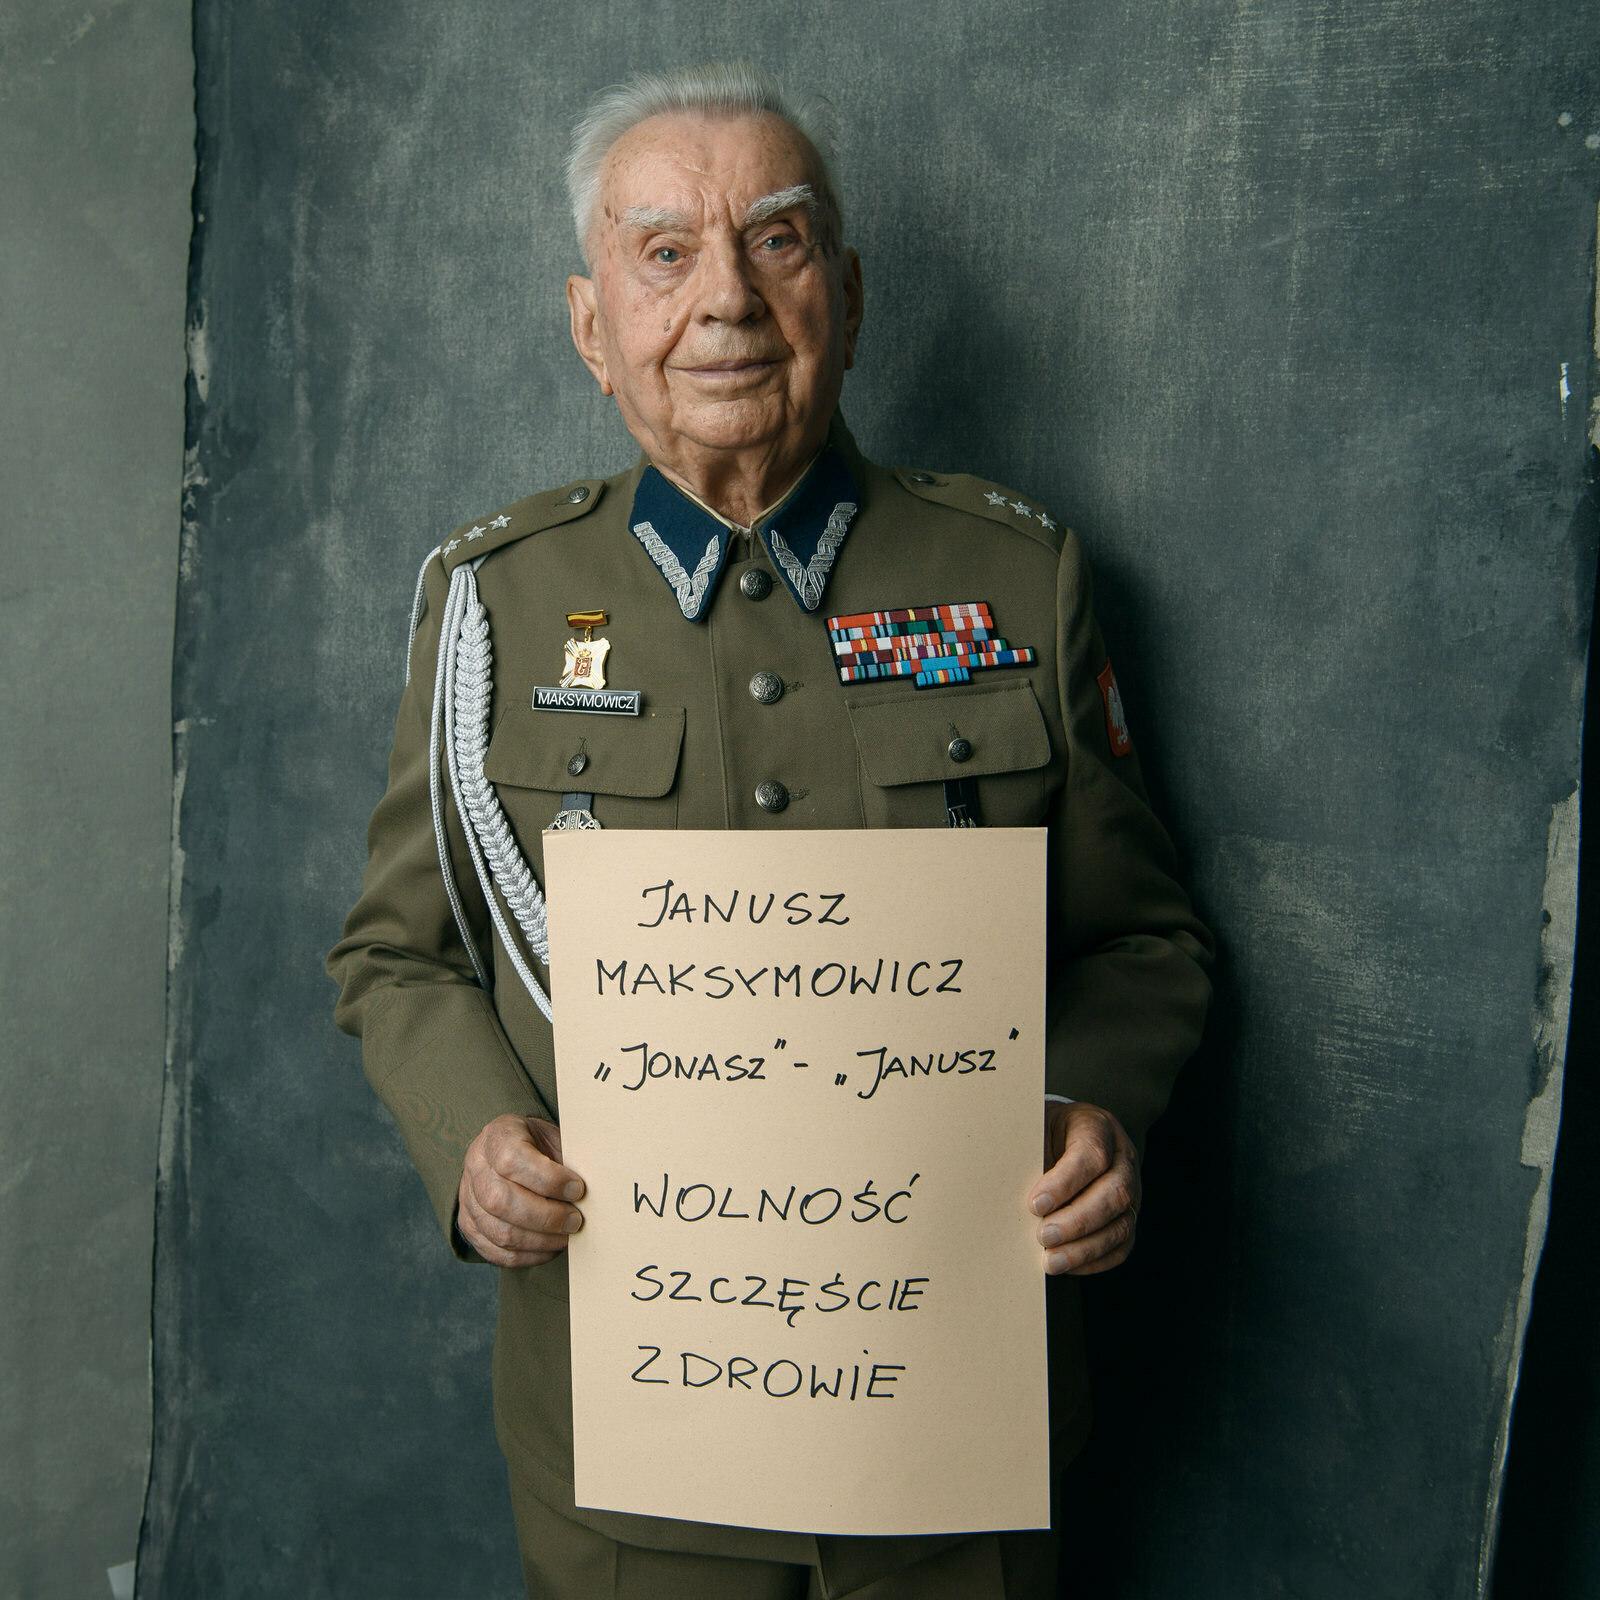 Janusz-Maksymowicz